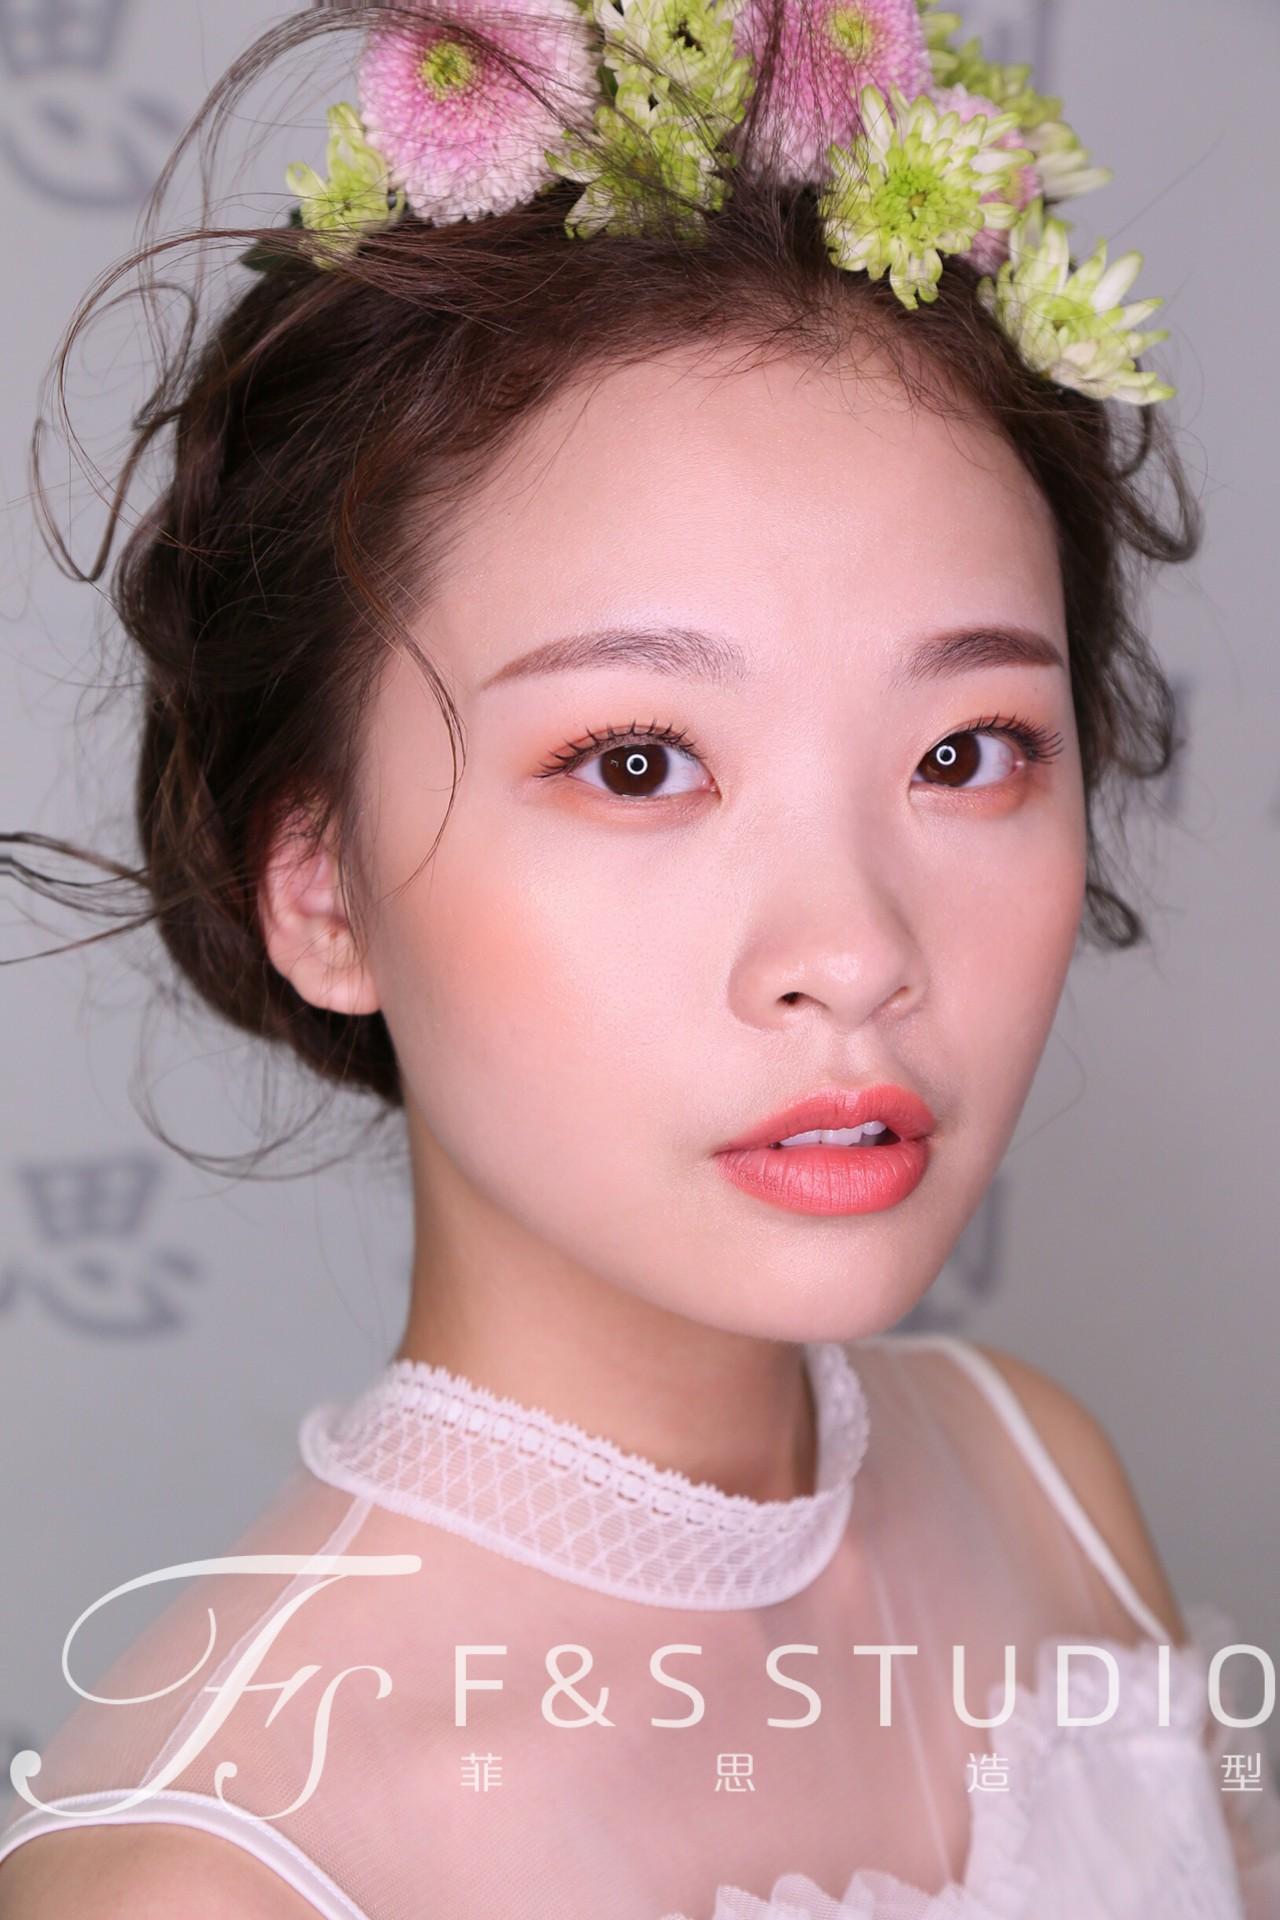 化妆技巧 新娘妆容|鲜花造型图片